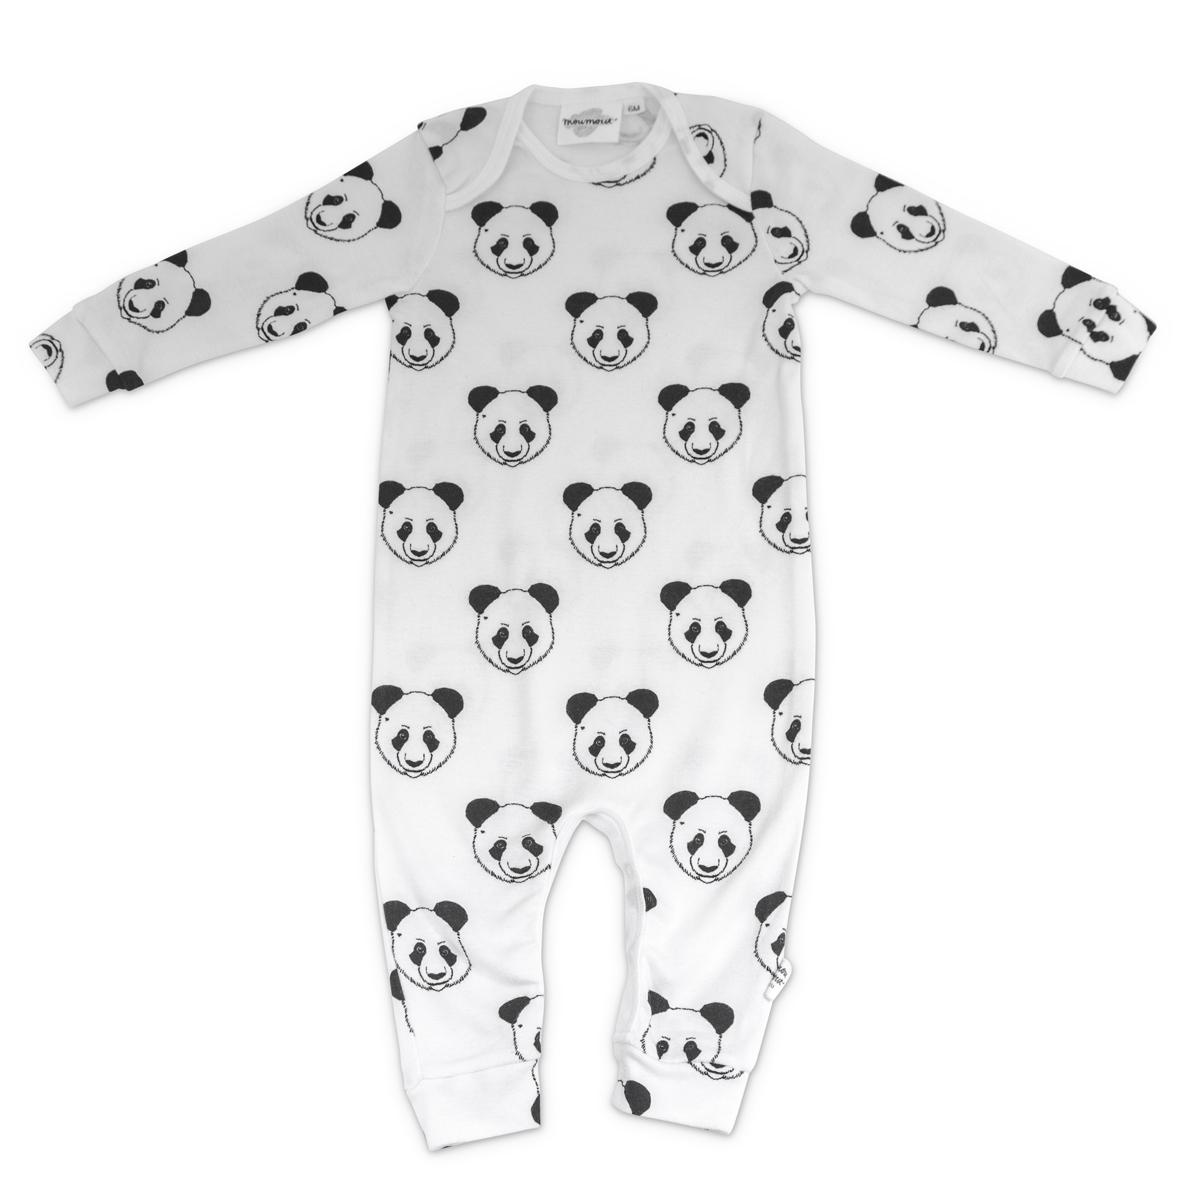 200f6417eb2bc Body et Pyjama Pyjama Bobo Sans Pieds Panda - 12 Mois Pyjama Bobo Sans Pieds  Panda